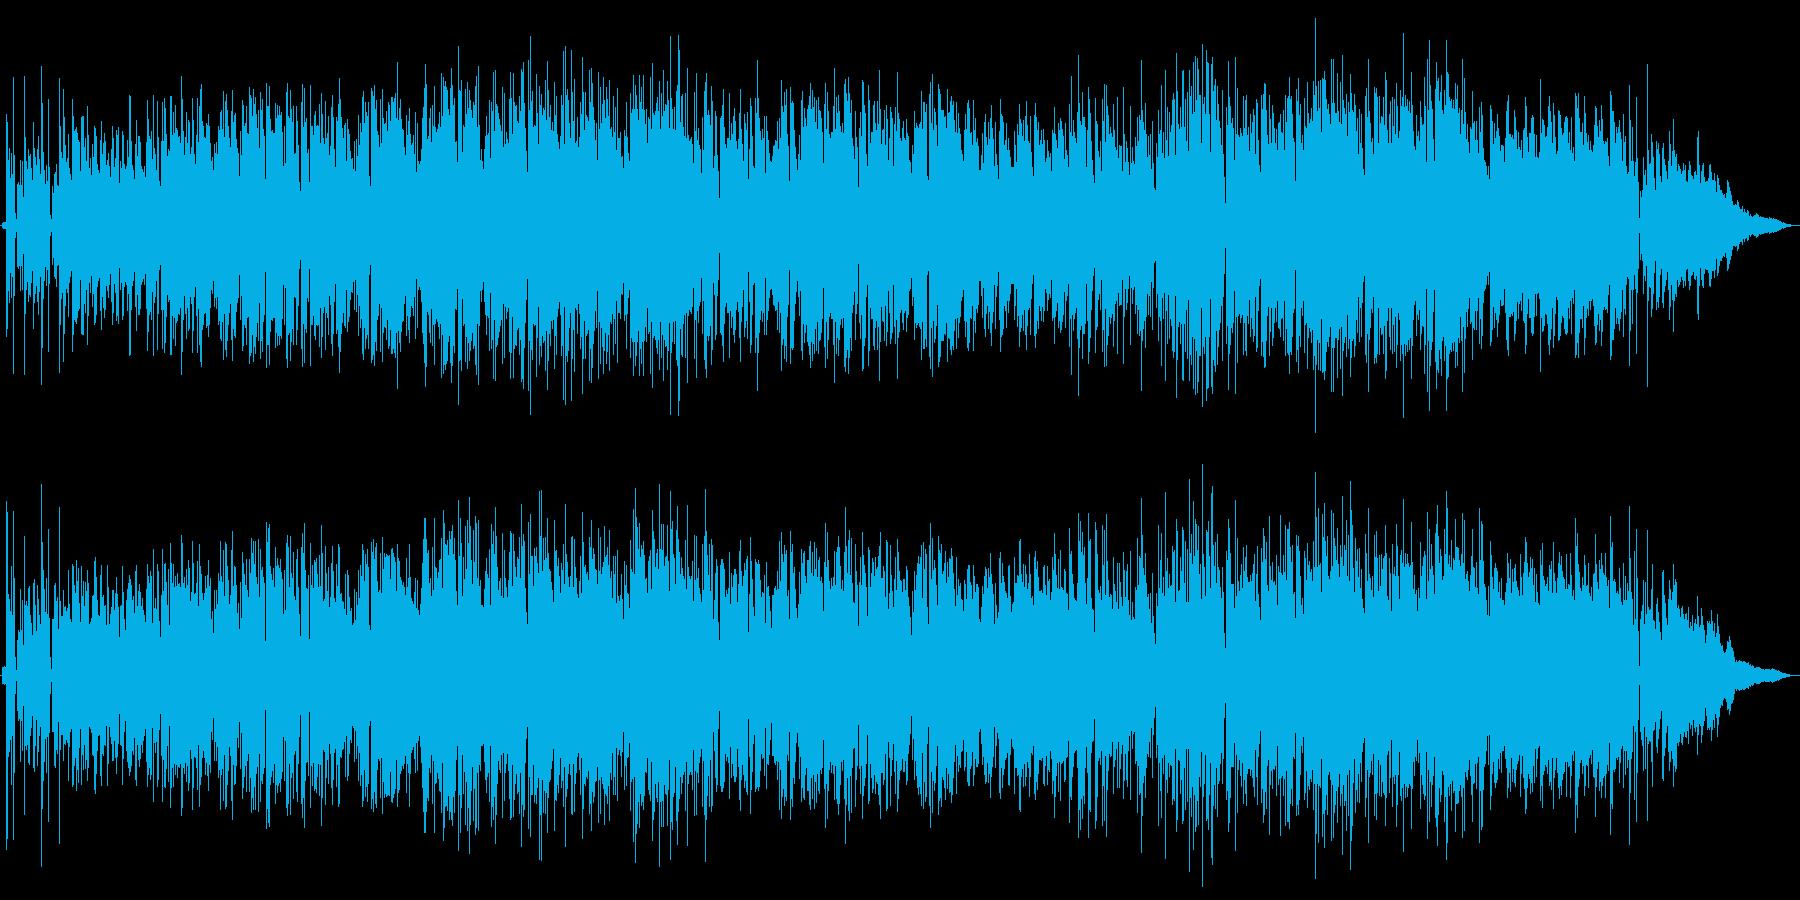 TVショッピング風 爽やかなOP曲の再生済みの波形